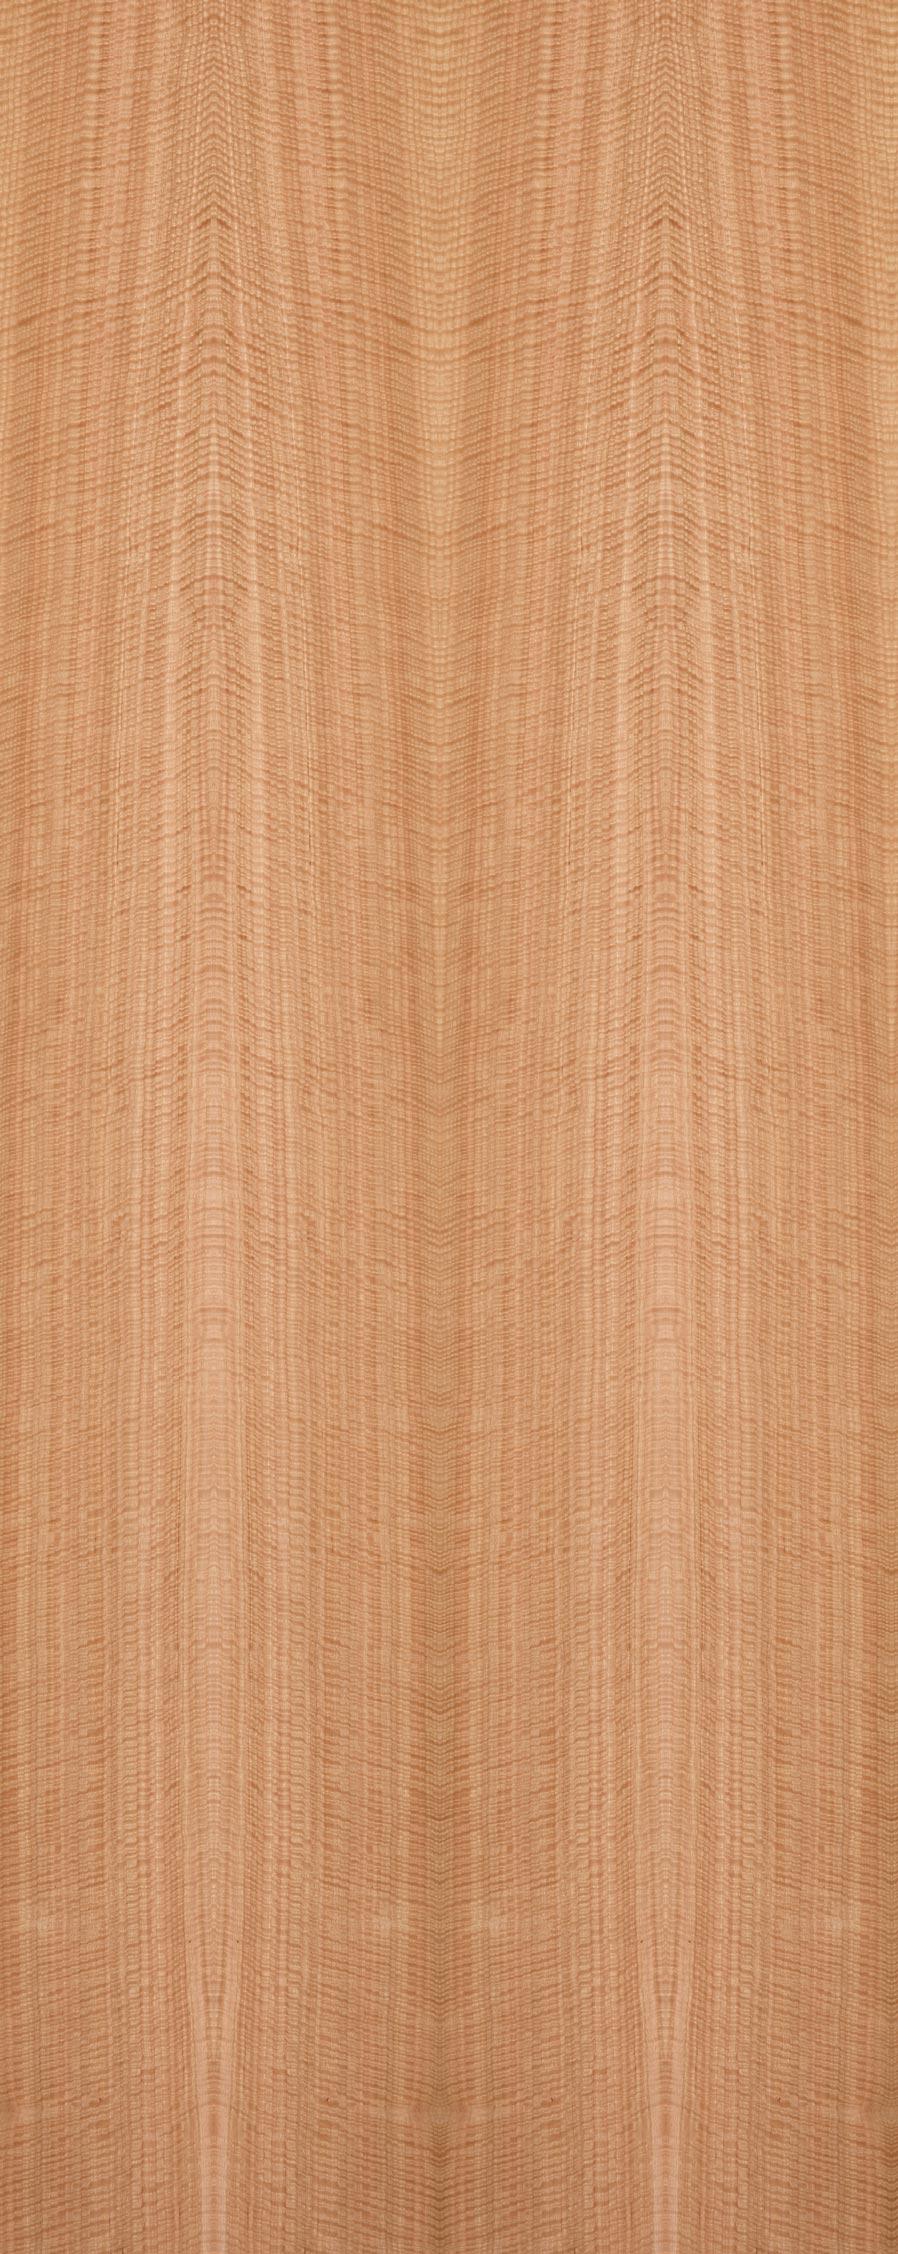 Eucalyptus Veneer Dooge Veneers